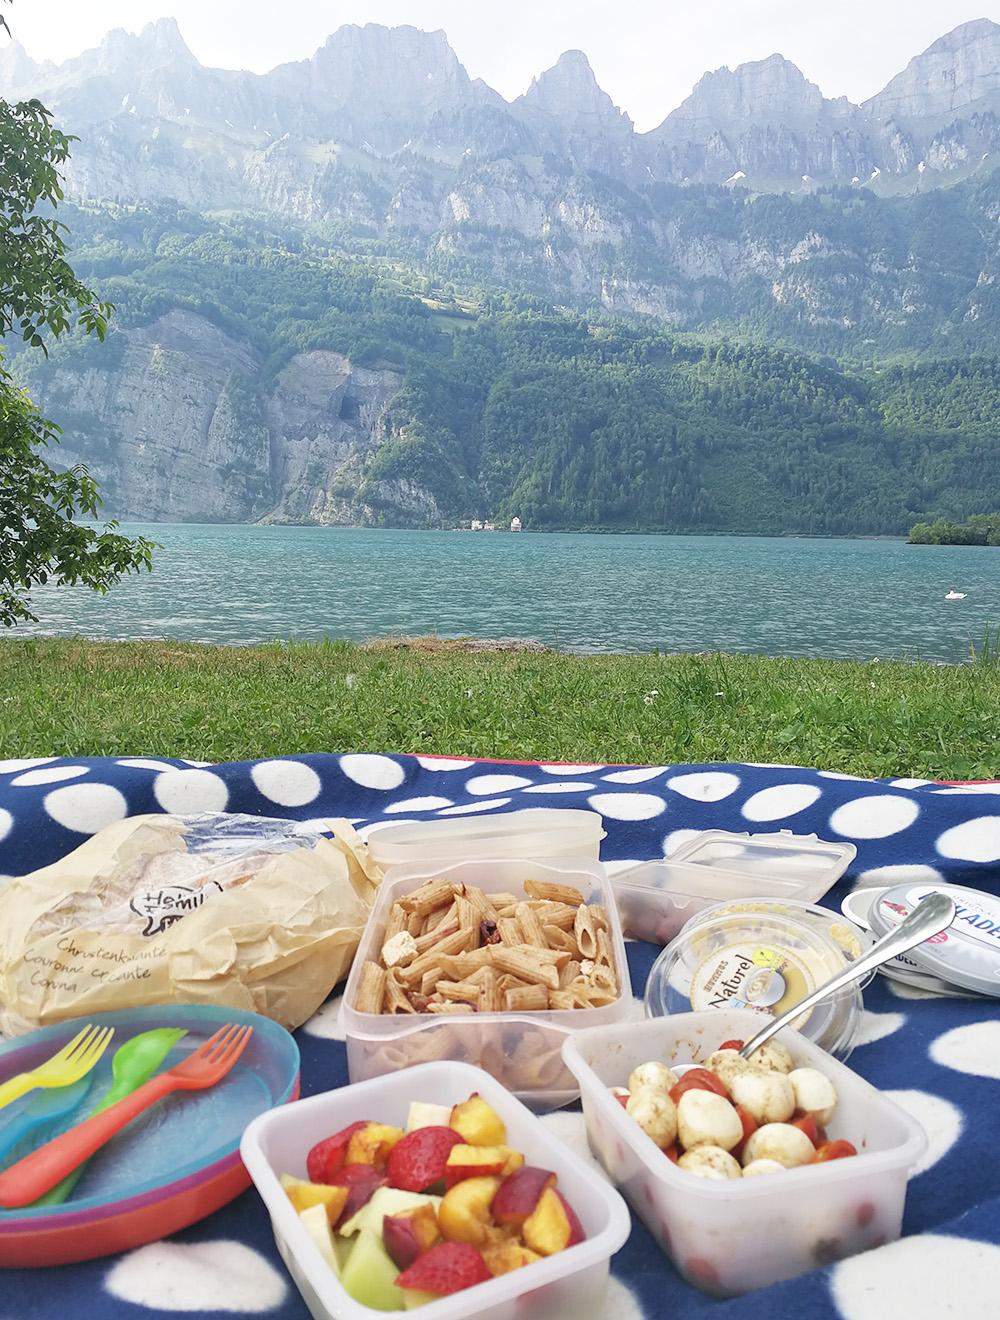 Badestellen am Walensee Picknick in Mols mit Blick auf die Churfirsten